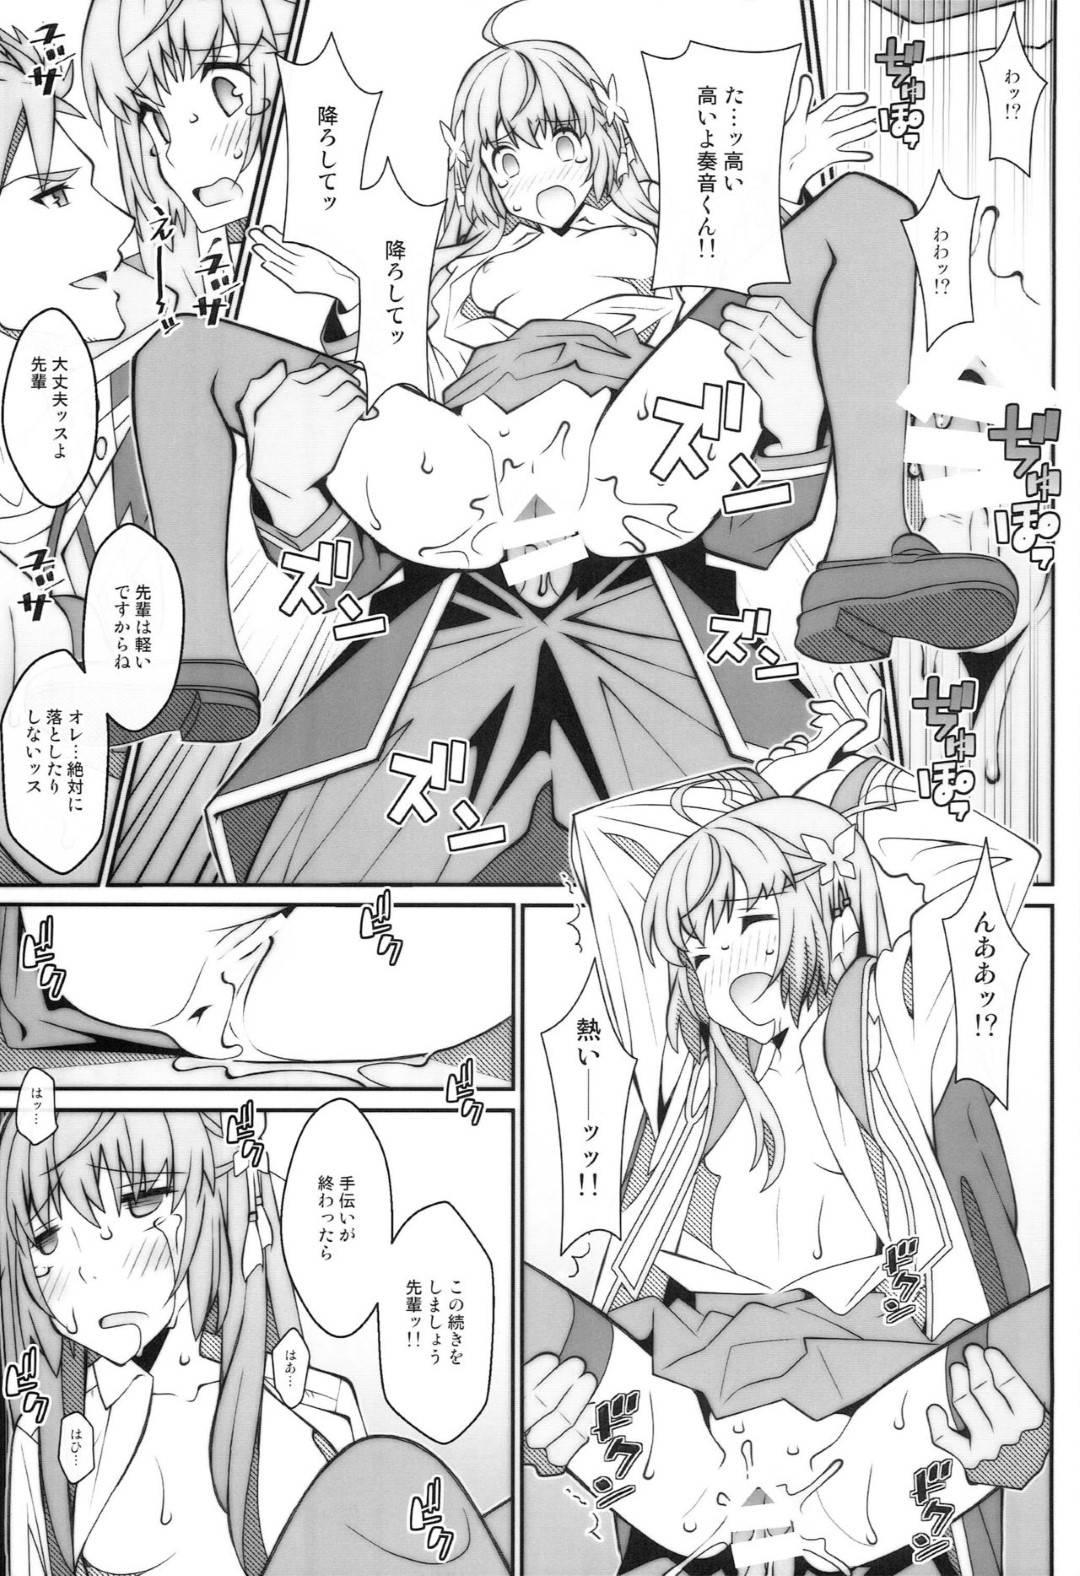 【エロ漫画】【エロ漫画】拒否権もなく奉仕委員に指名された少女…椅子に座らされて服を脱がされて男たちにベロベロ舐められて、マンコに挿入し放題の肉便器だった【ふらんべる:TYPE-46R 】